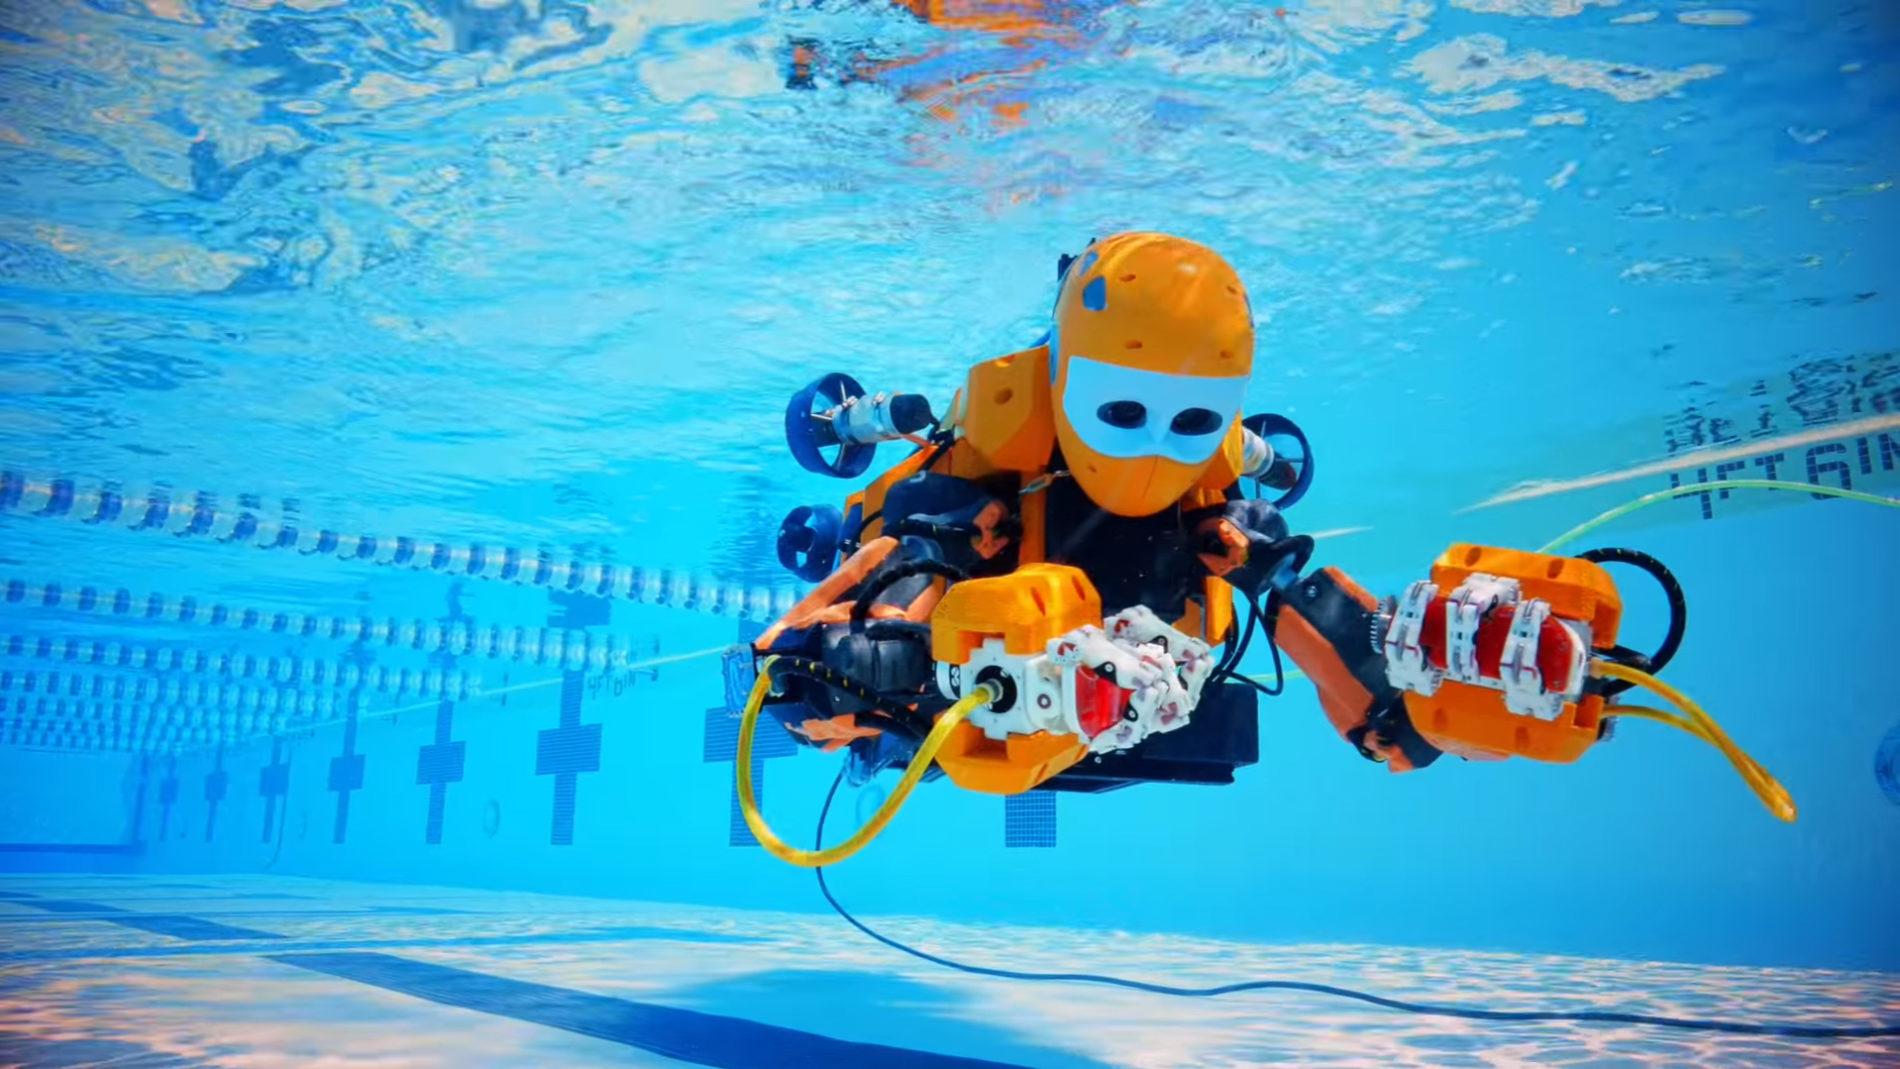 OceanOne – a waterproof humanoid